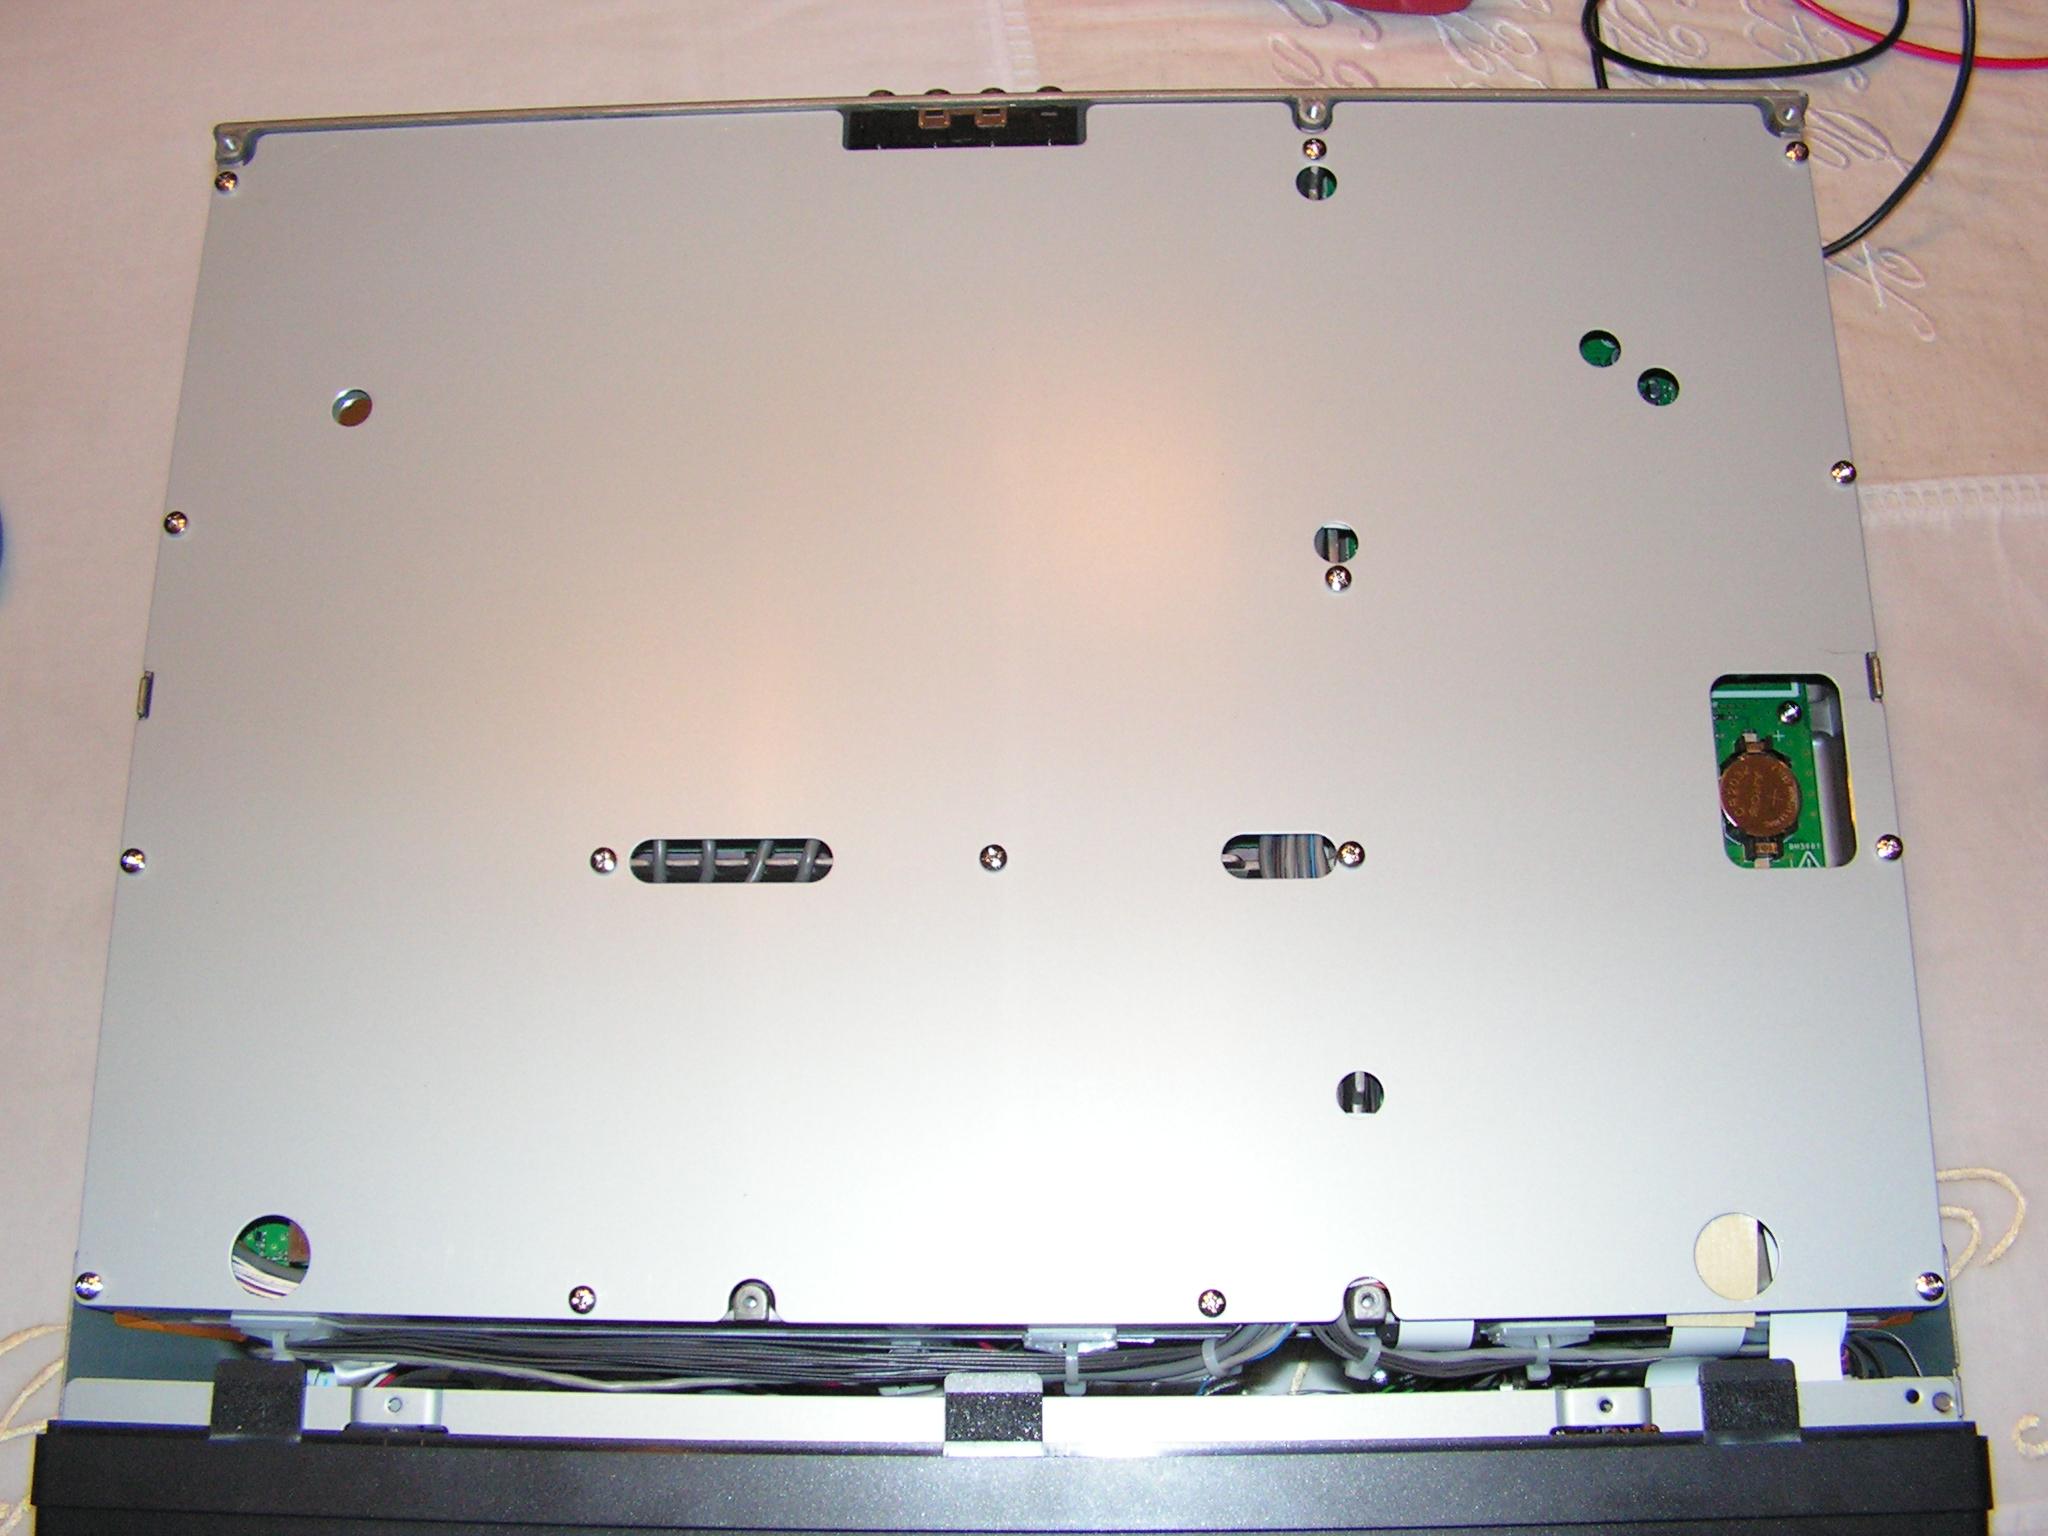 FT2000 : Dongle RTL SDR - Mise en place 011-ft2000-dessous-blindage